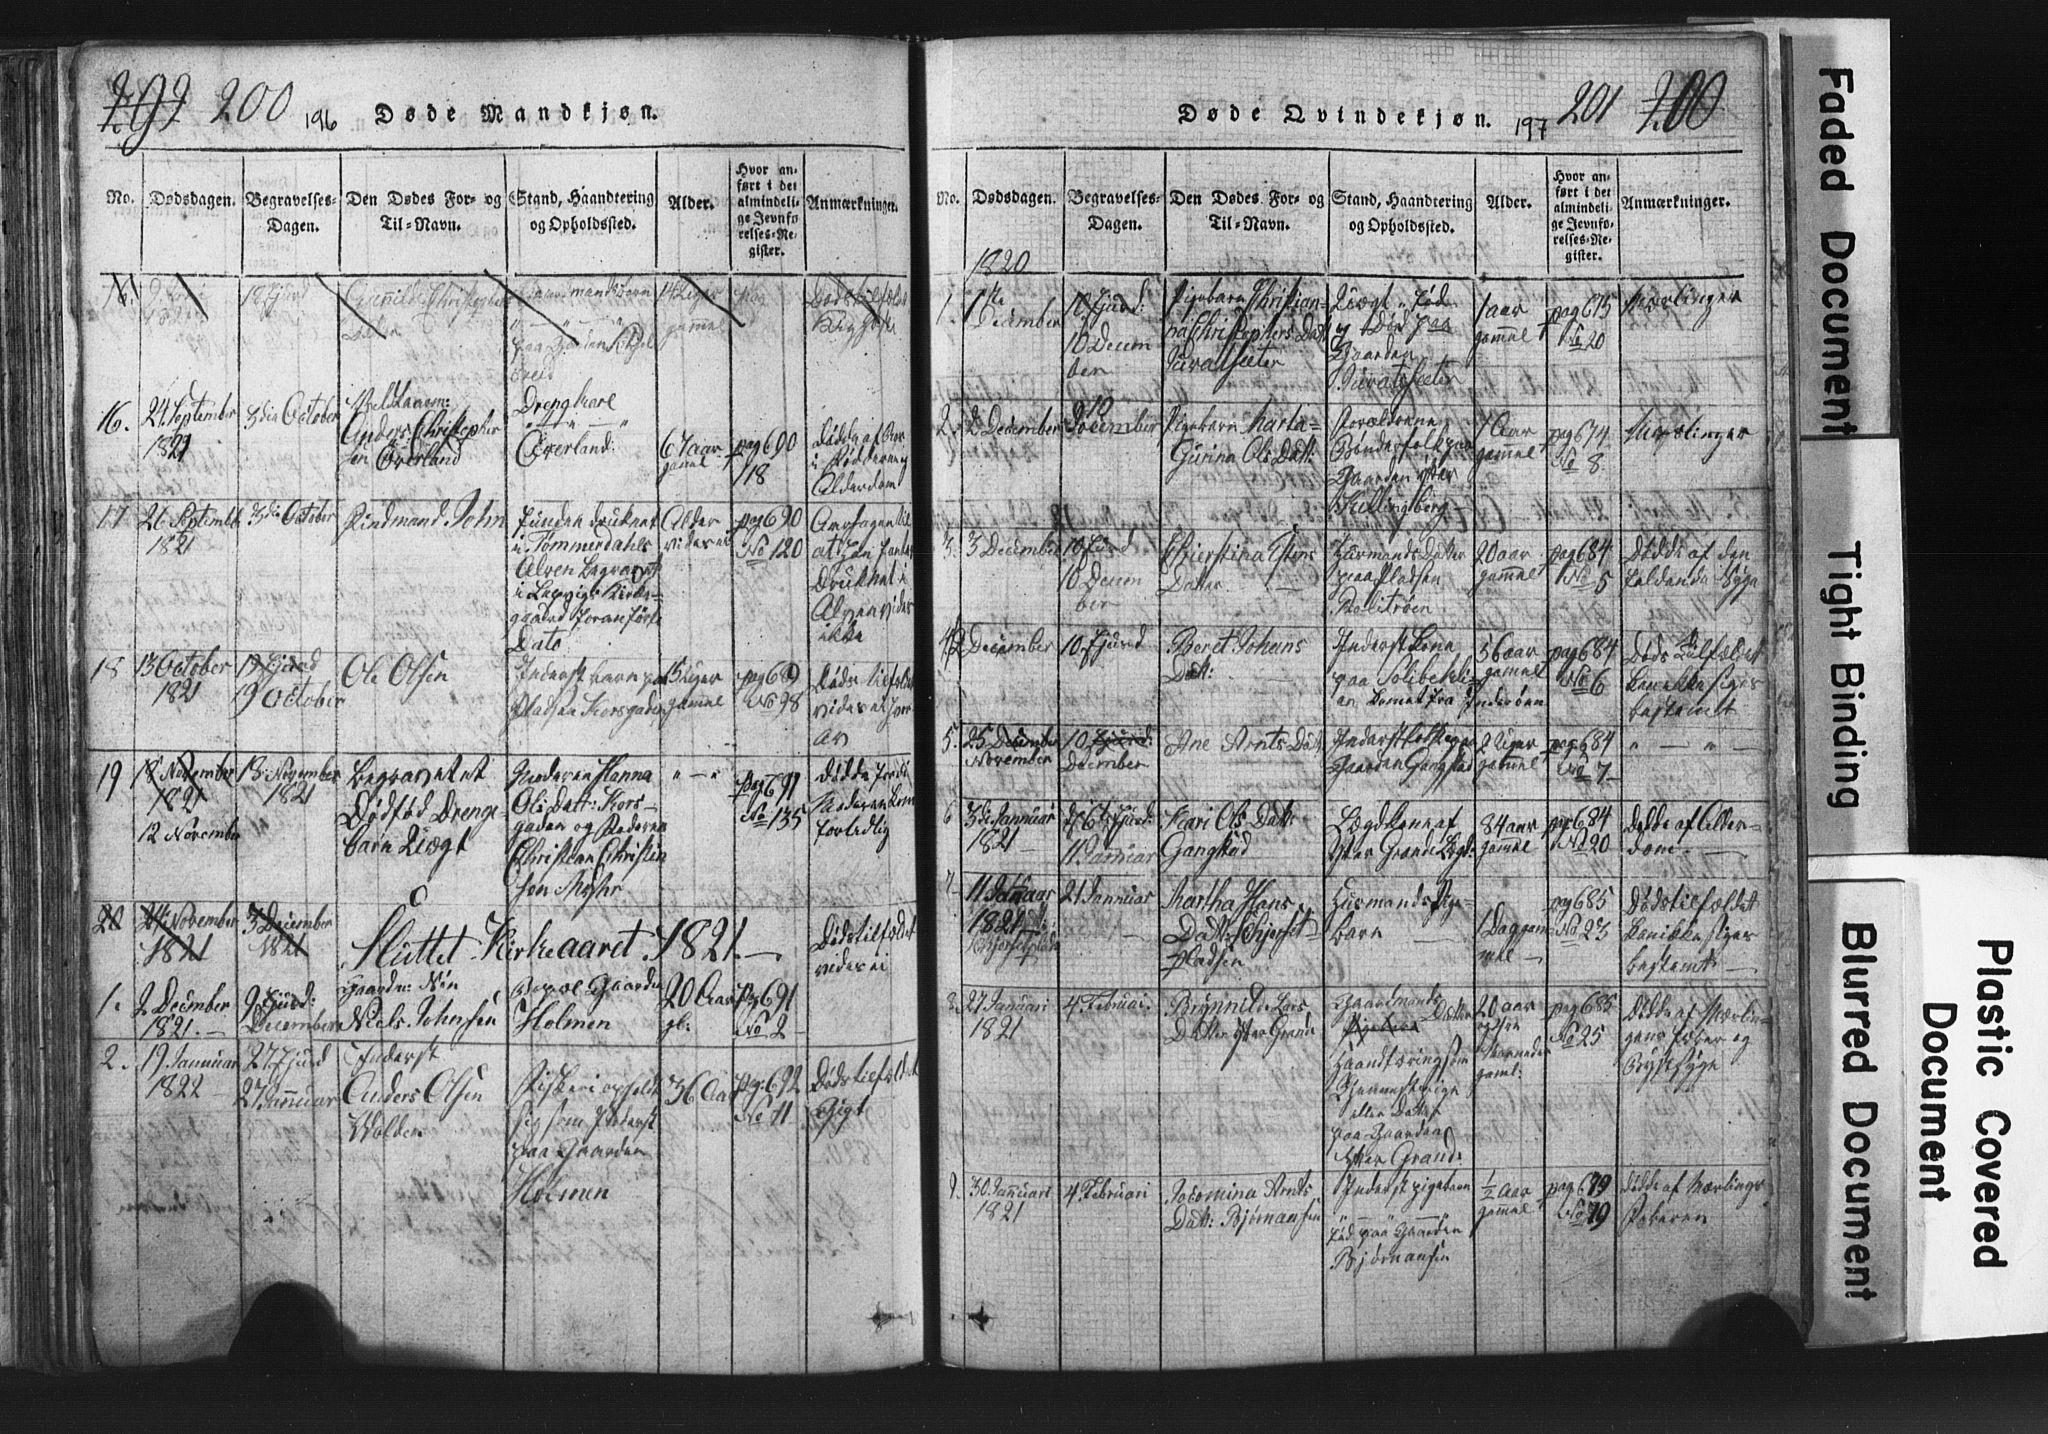 SAT, Ministerialprotokoller, klokkerbøker og fødselsregistre - Nord-Trøndelag, 701/L0017: Klokkerbok nr. 701C01, 1817-1825, s. 196-197